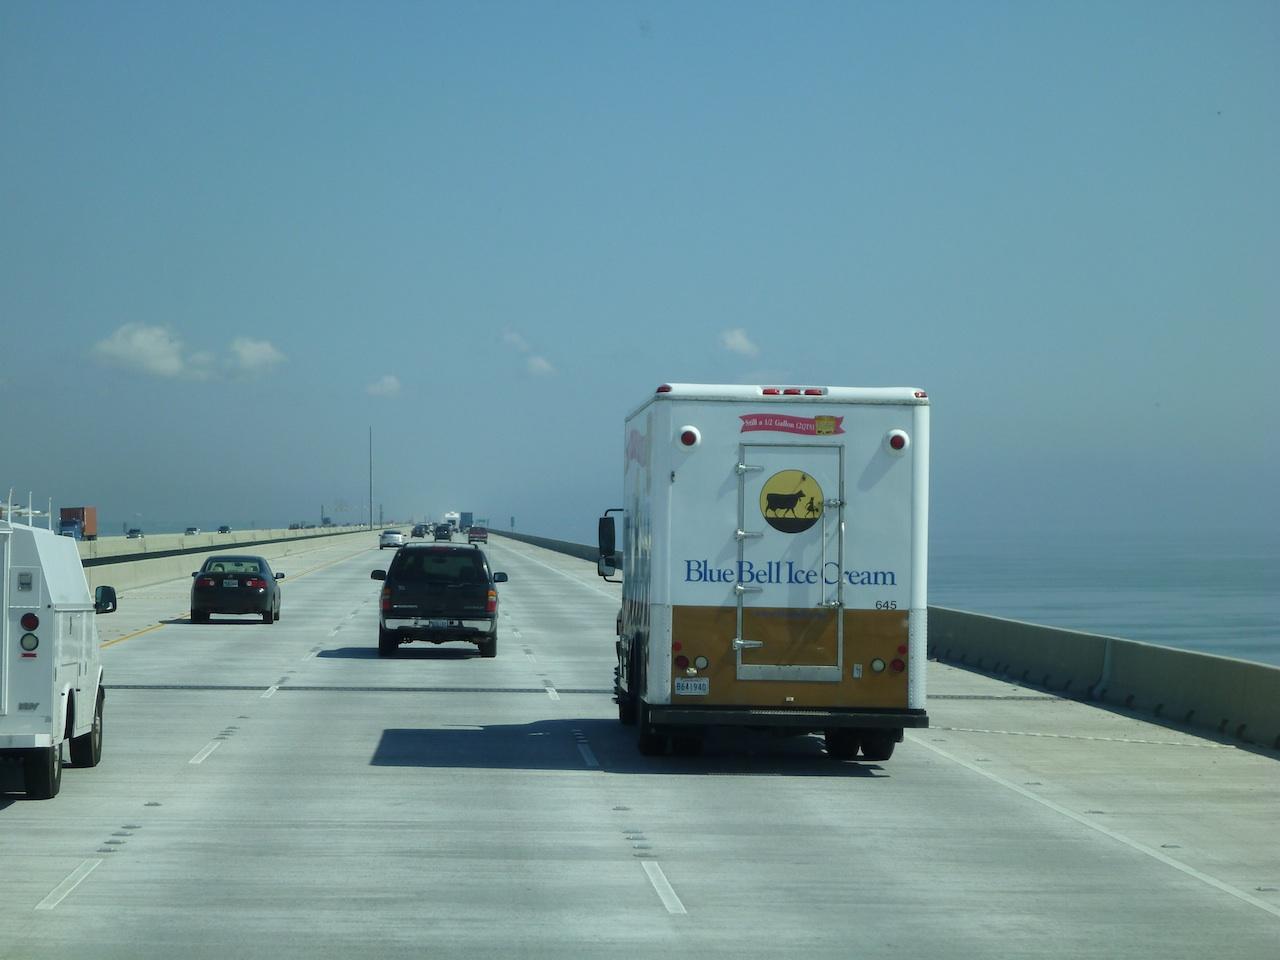 Follow That Blue Bell Truck!